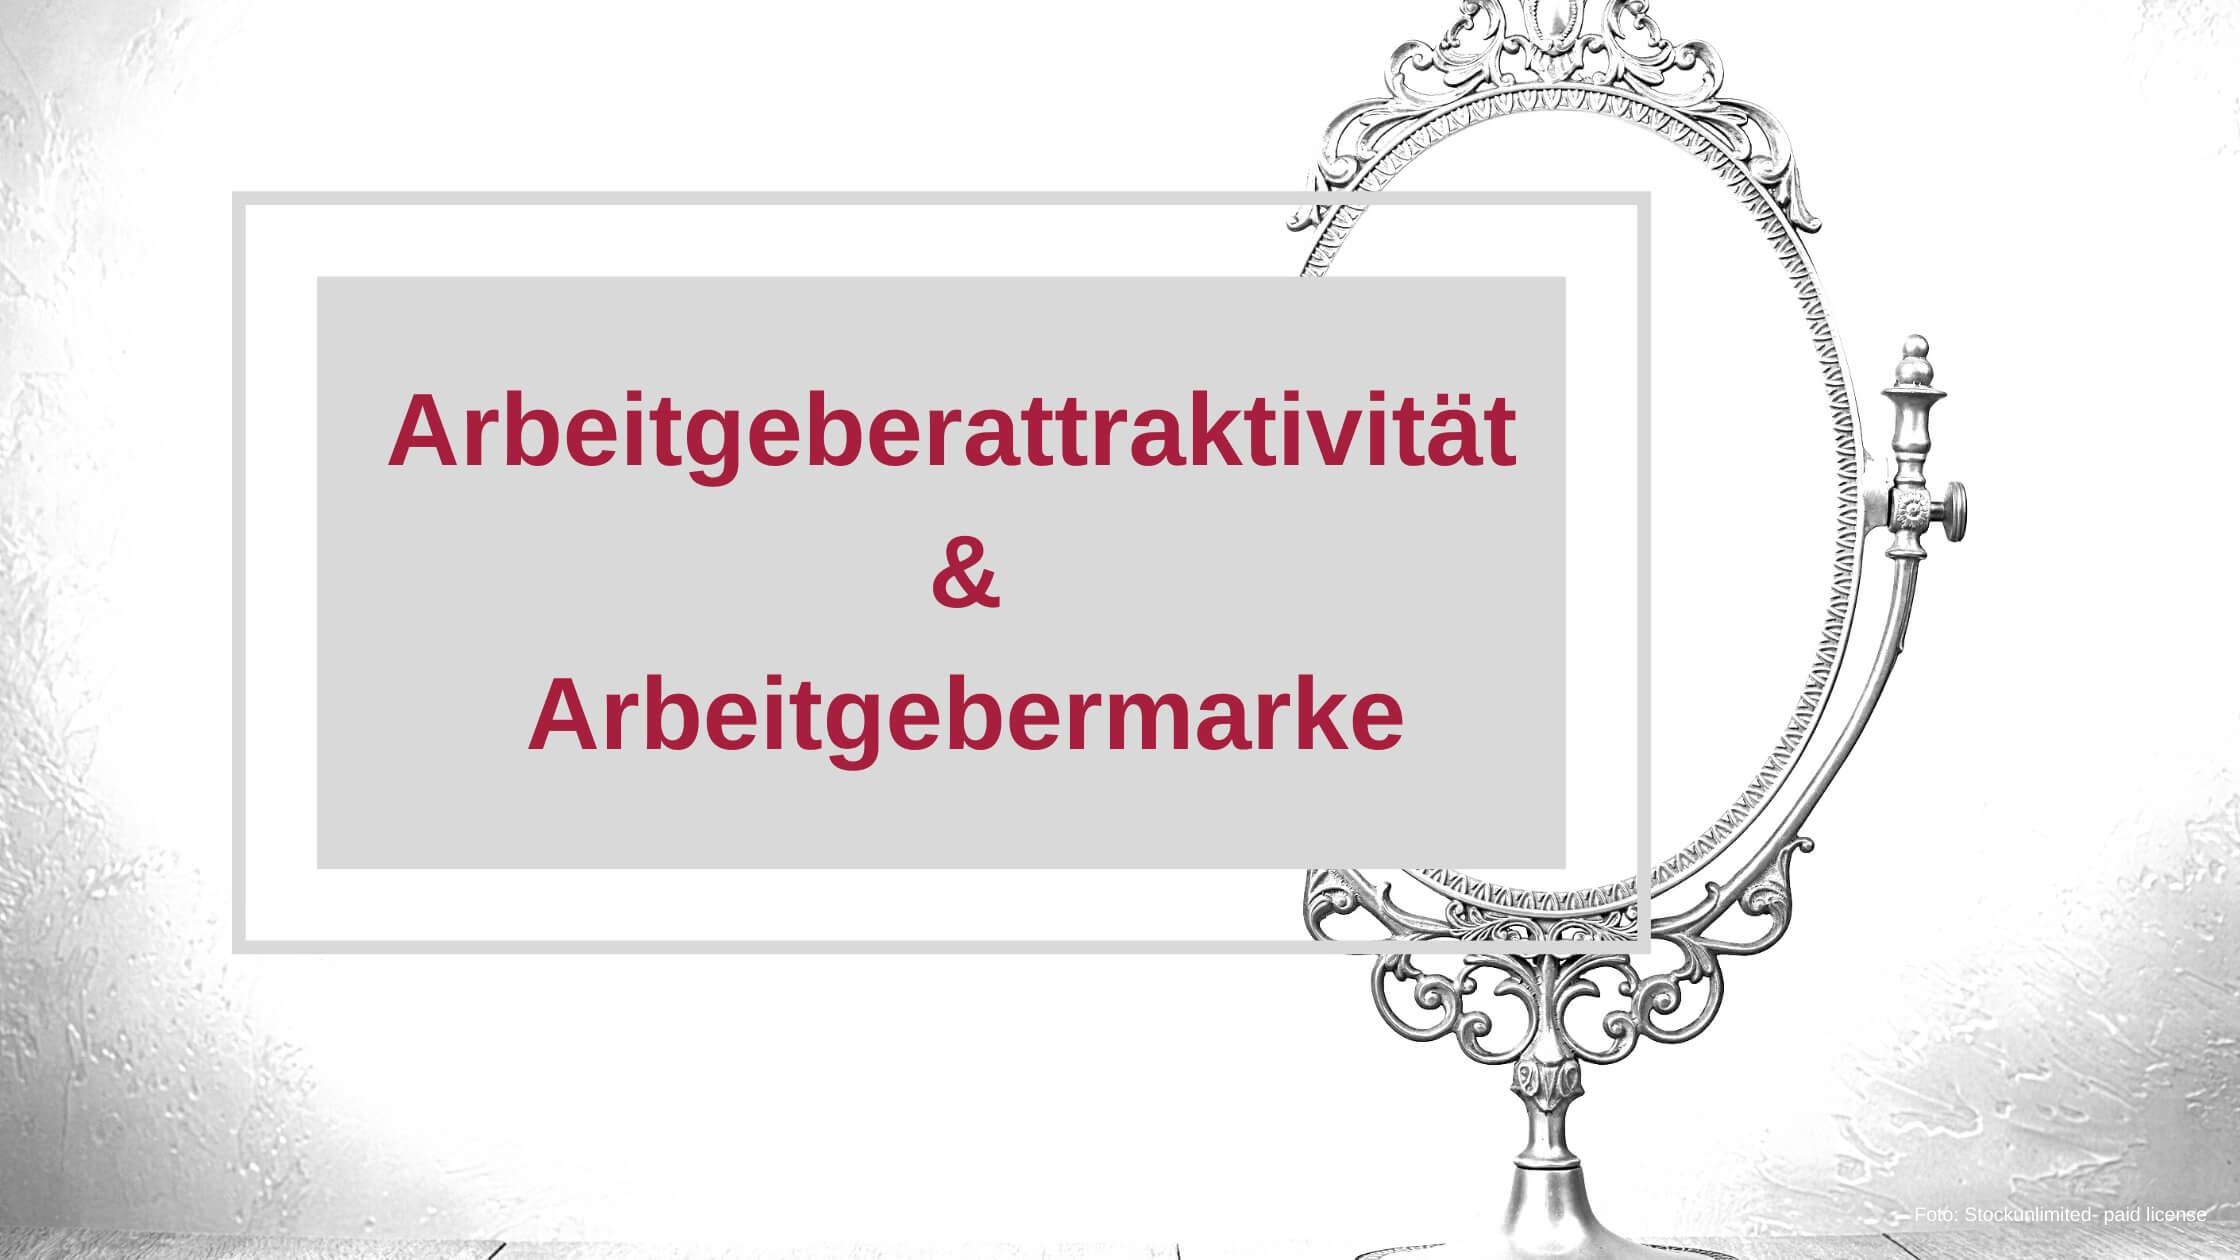 HR konkret Arbeitgebermarke ARbeitgeberattraltivität Blog